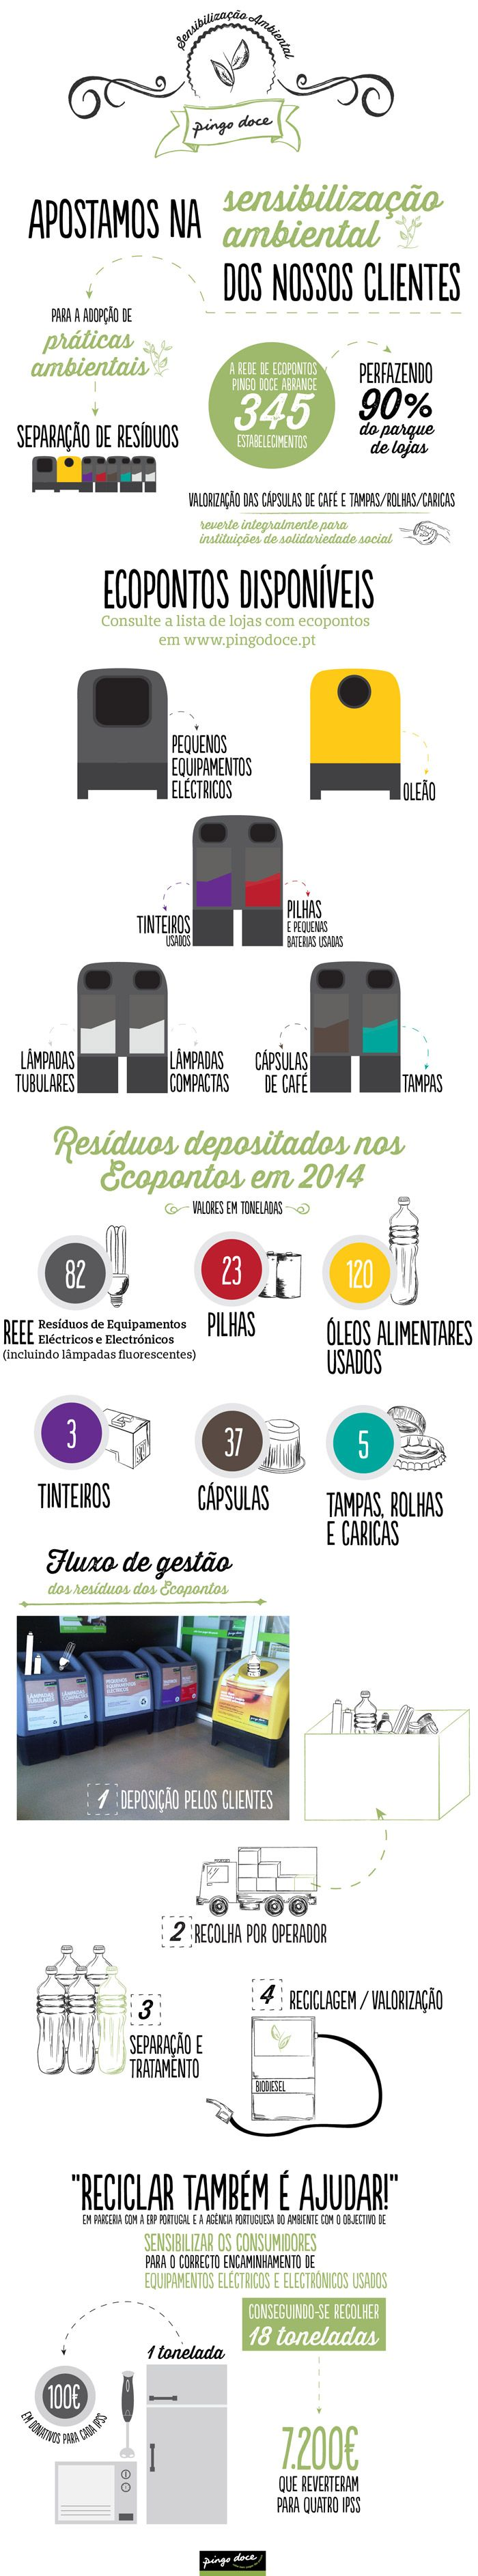 Infografias Pingo Doce: Ecopontos das nossas lojas e como funciona o nosso serviço de reciclagem